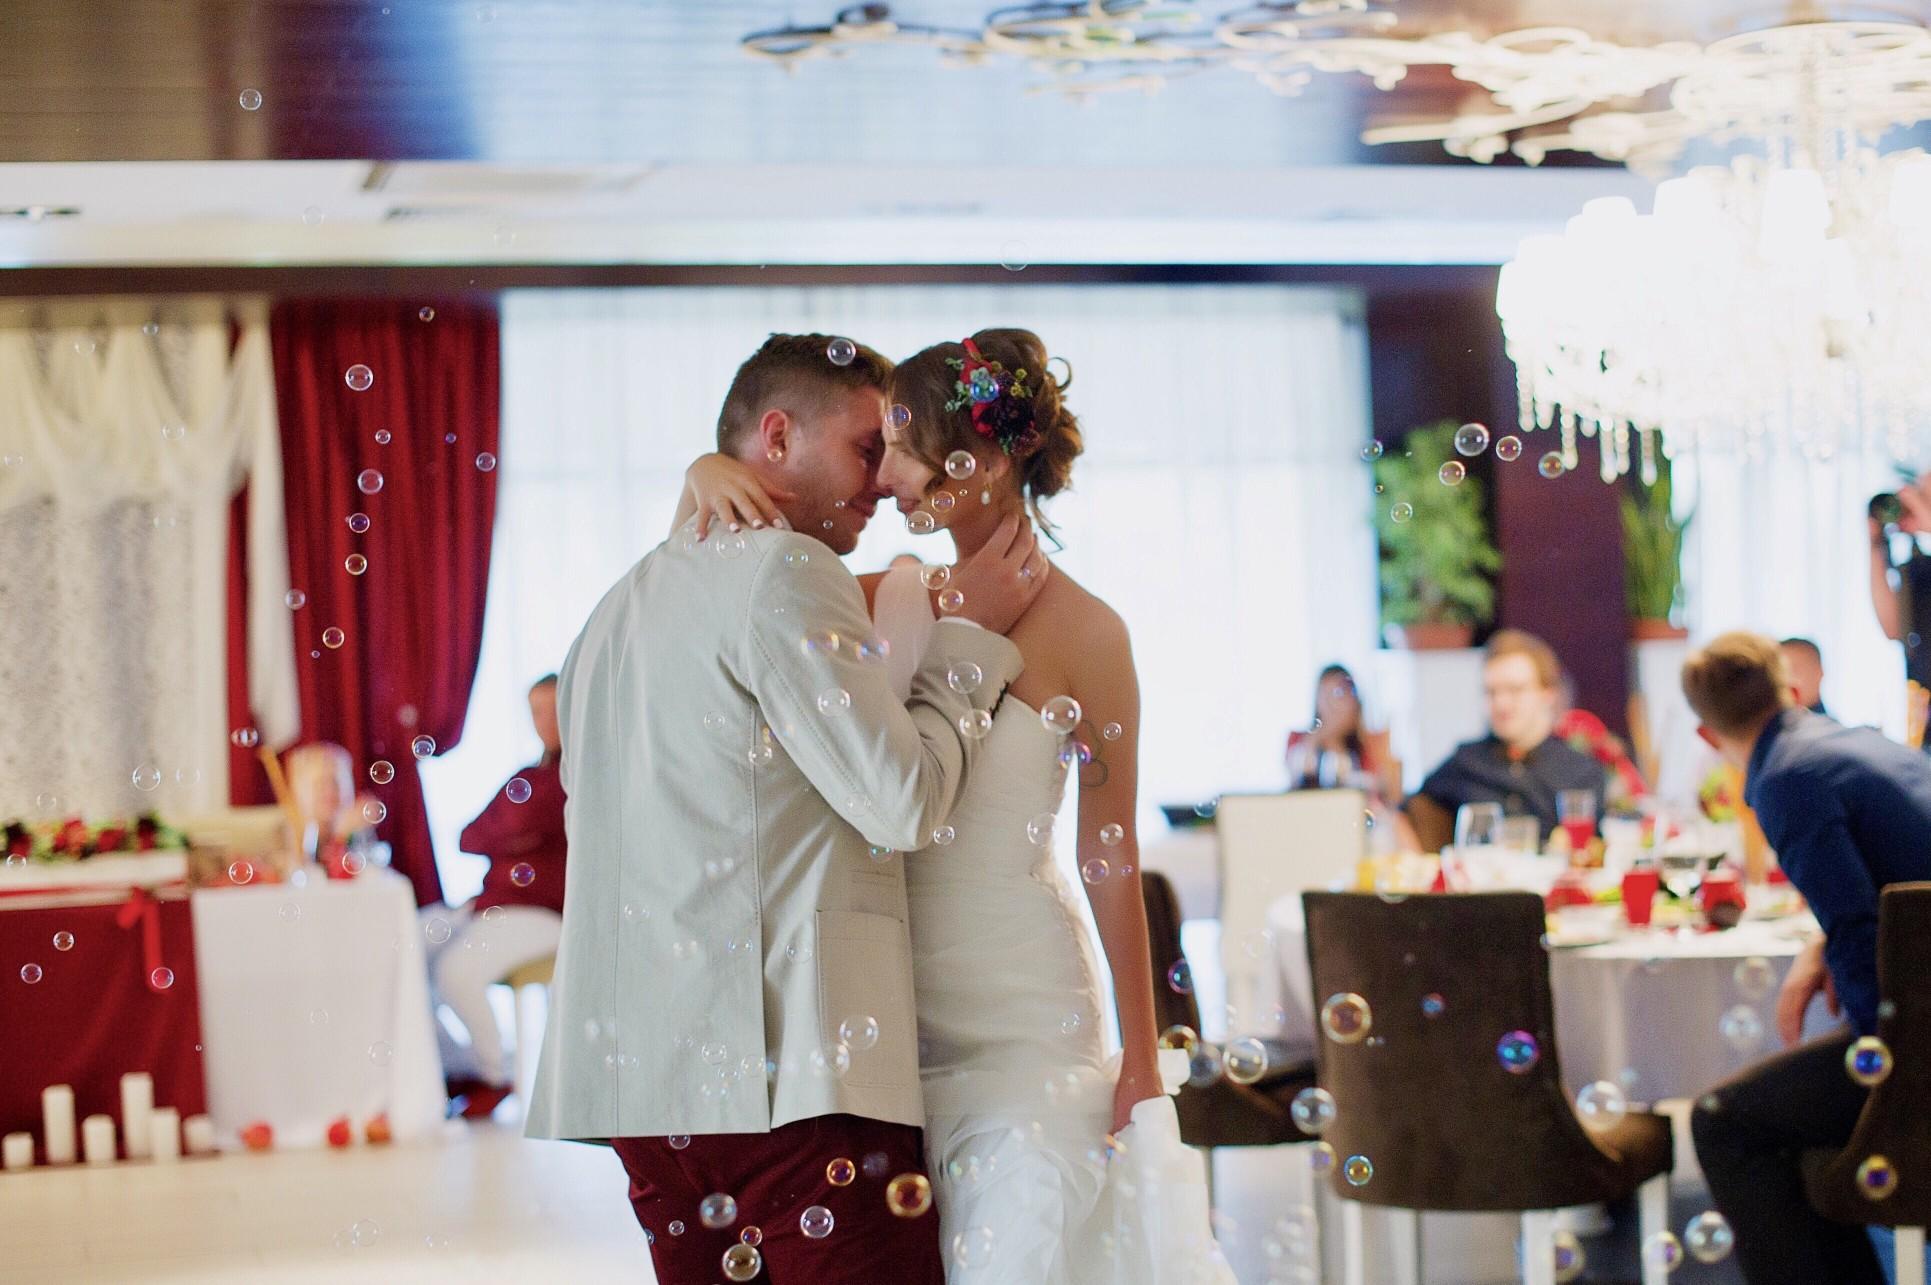 Les photos des mariées, un souvenir important !